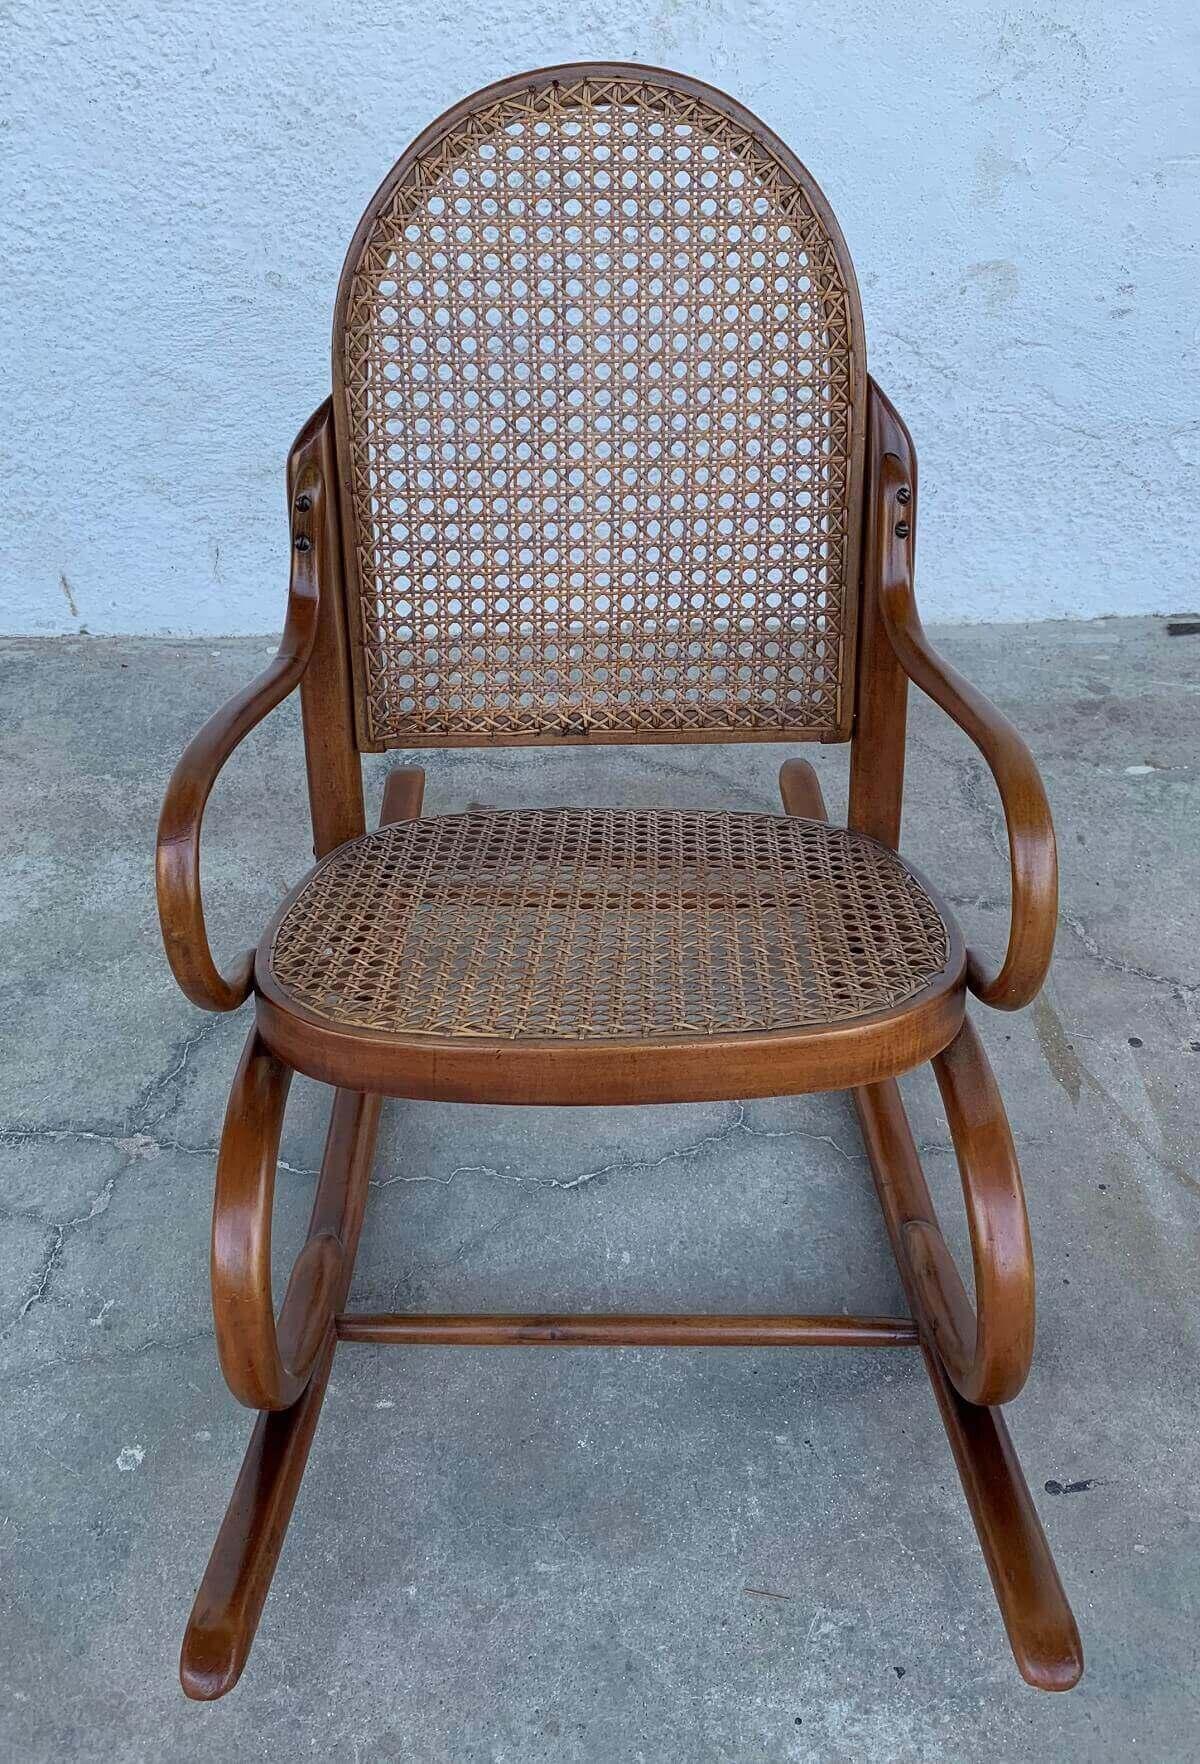 Antiga Cadeira Balanço Infantil Thonet Austriaca